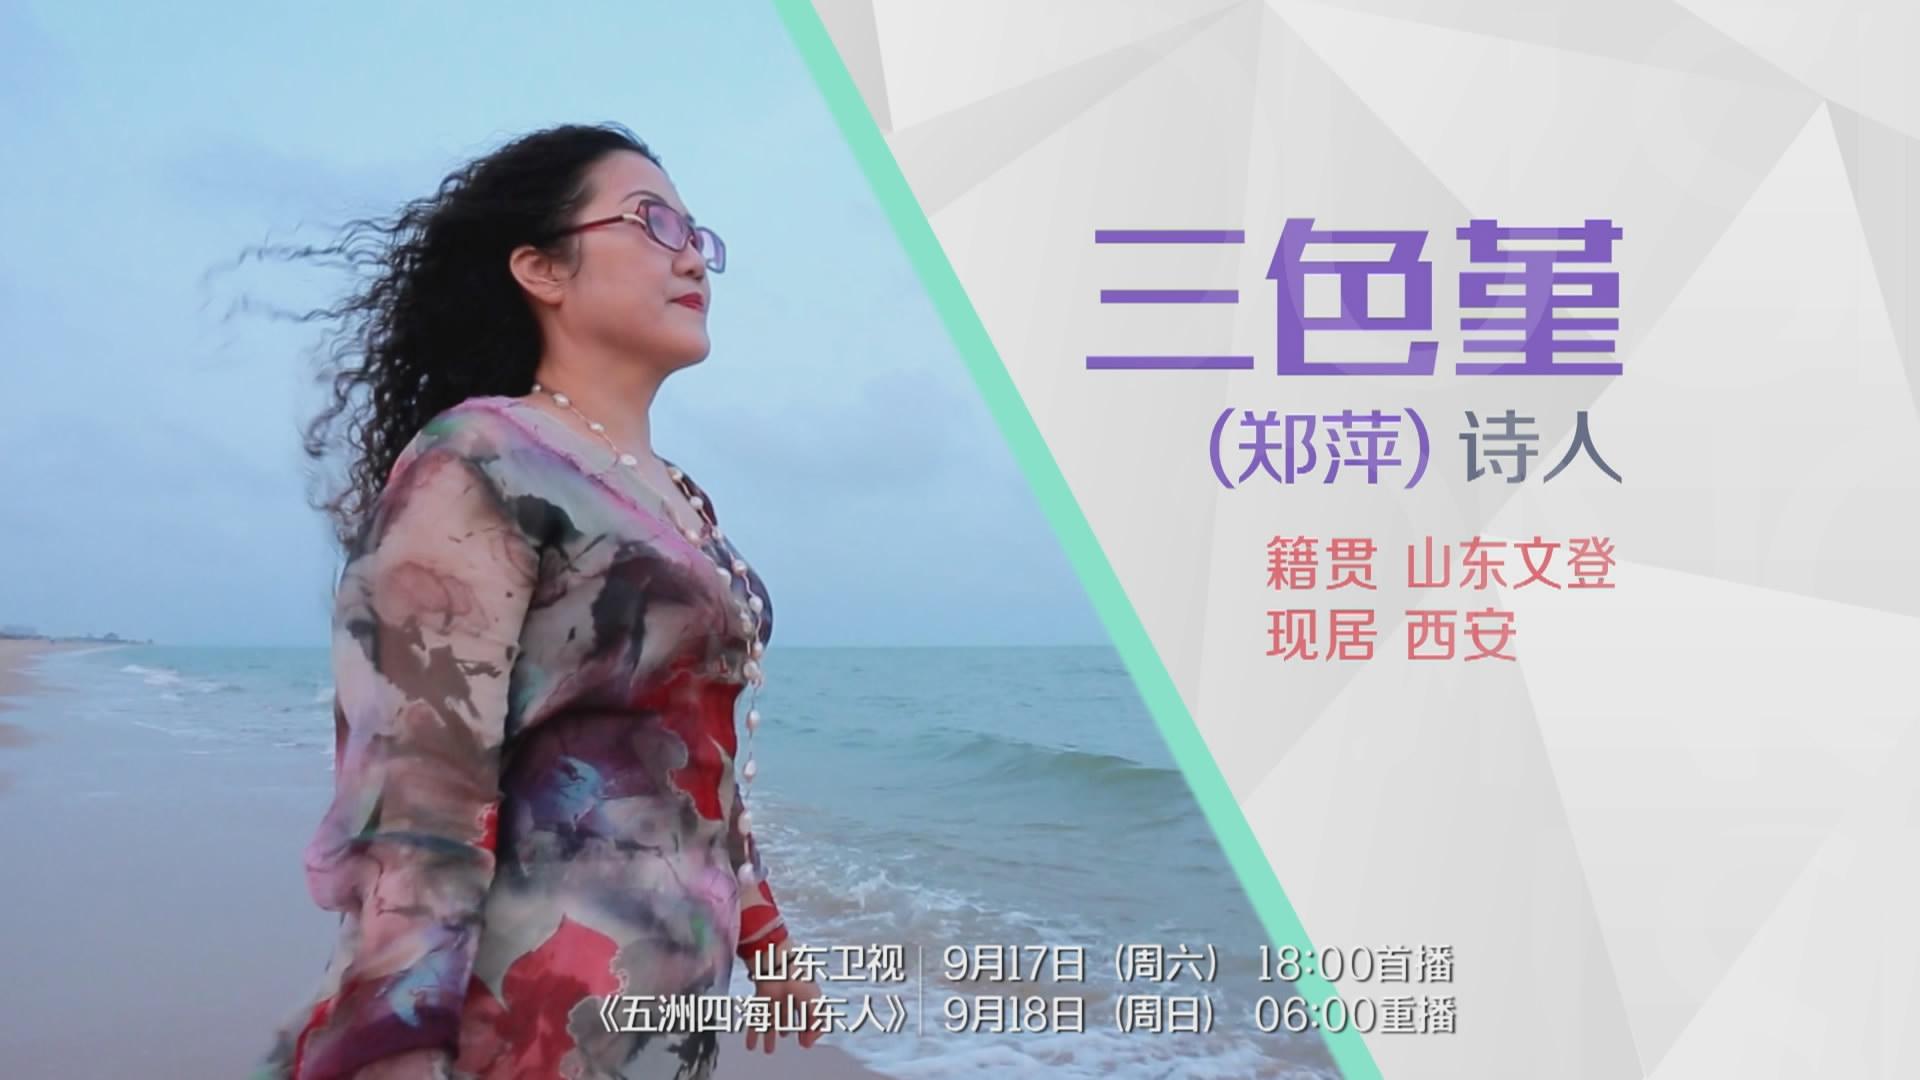 20160917完整版 | 三色堇(郑萍):吟着乡愁 行走他乡